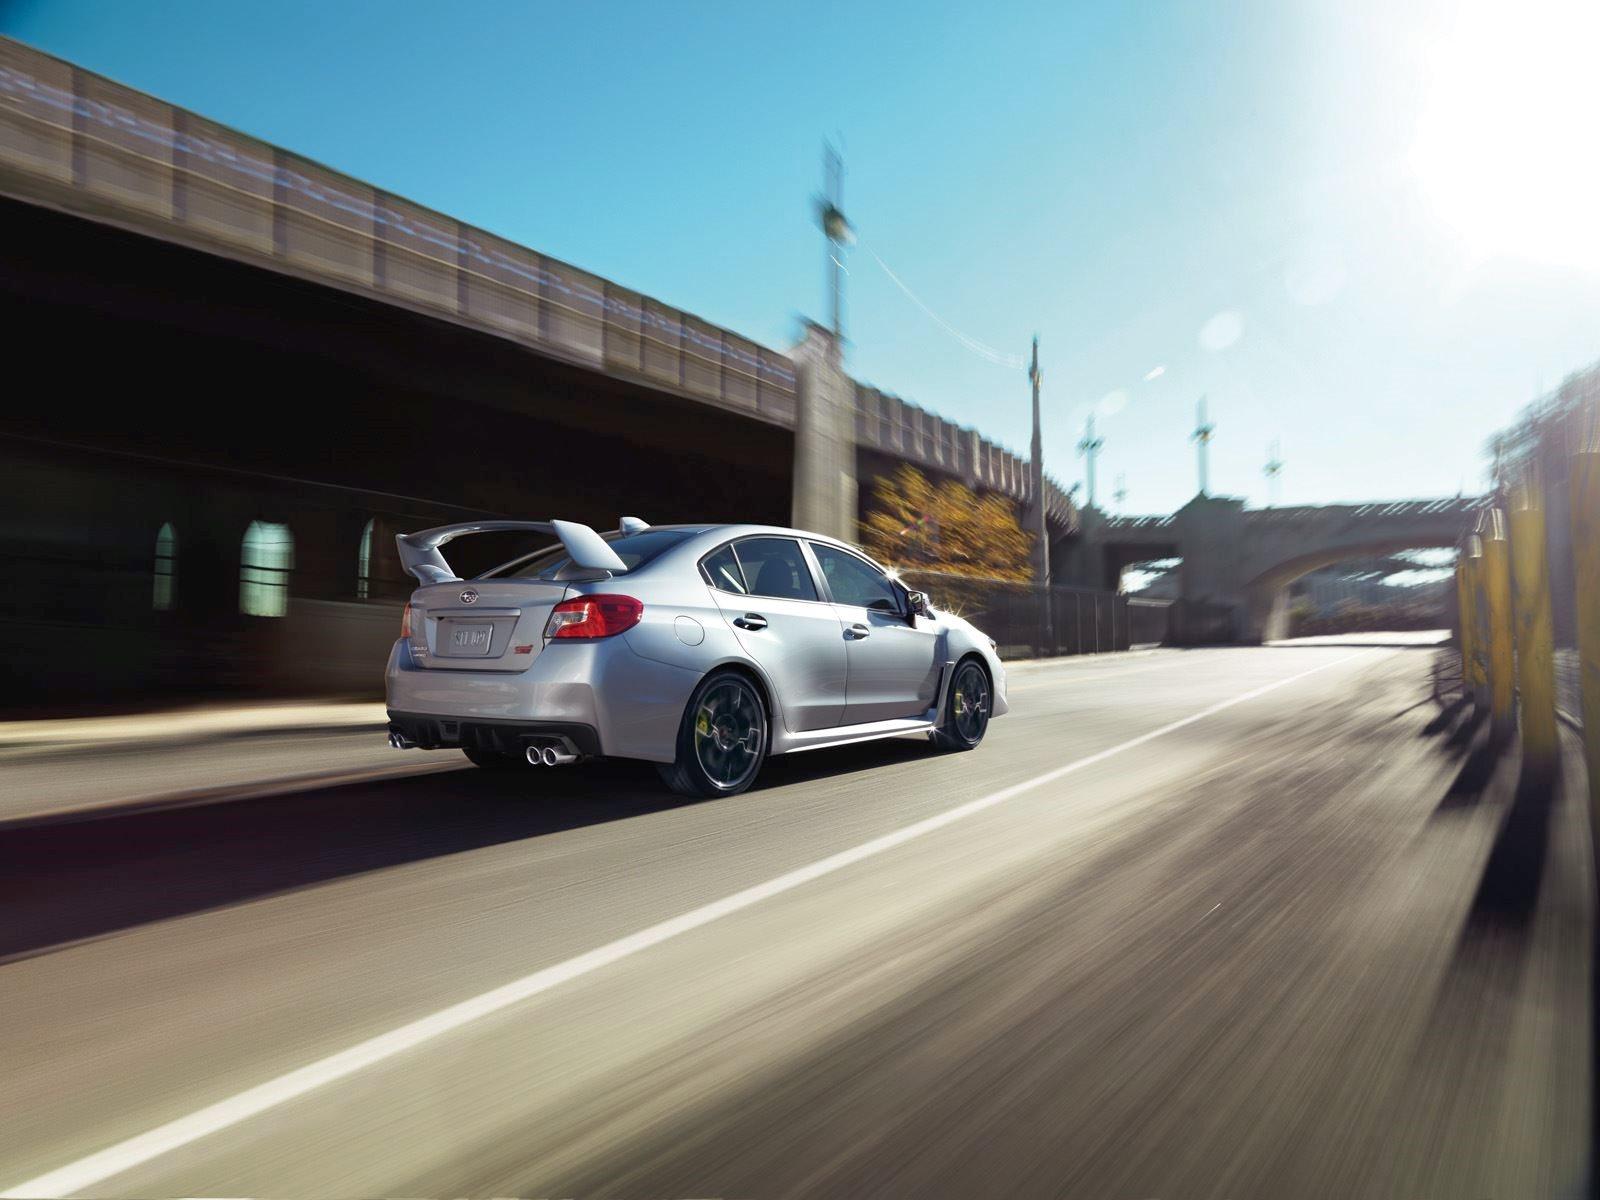 Type RA также был одарен другими достоинствами, которые, скорее всего, не получит стандартный STI, таким как крыша из карбона, подвеска Bilstein и модифицированная система управления динамикой транспортного средства. Его цена составляет 48 995 доллар